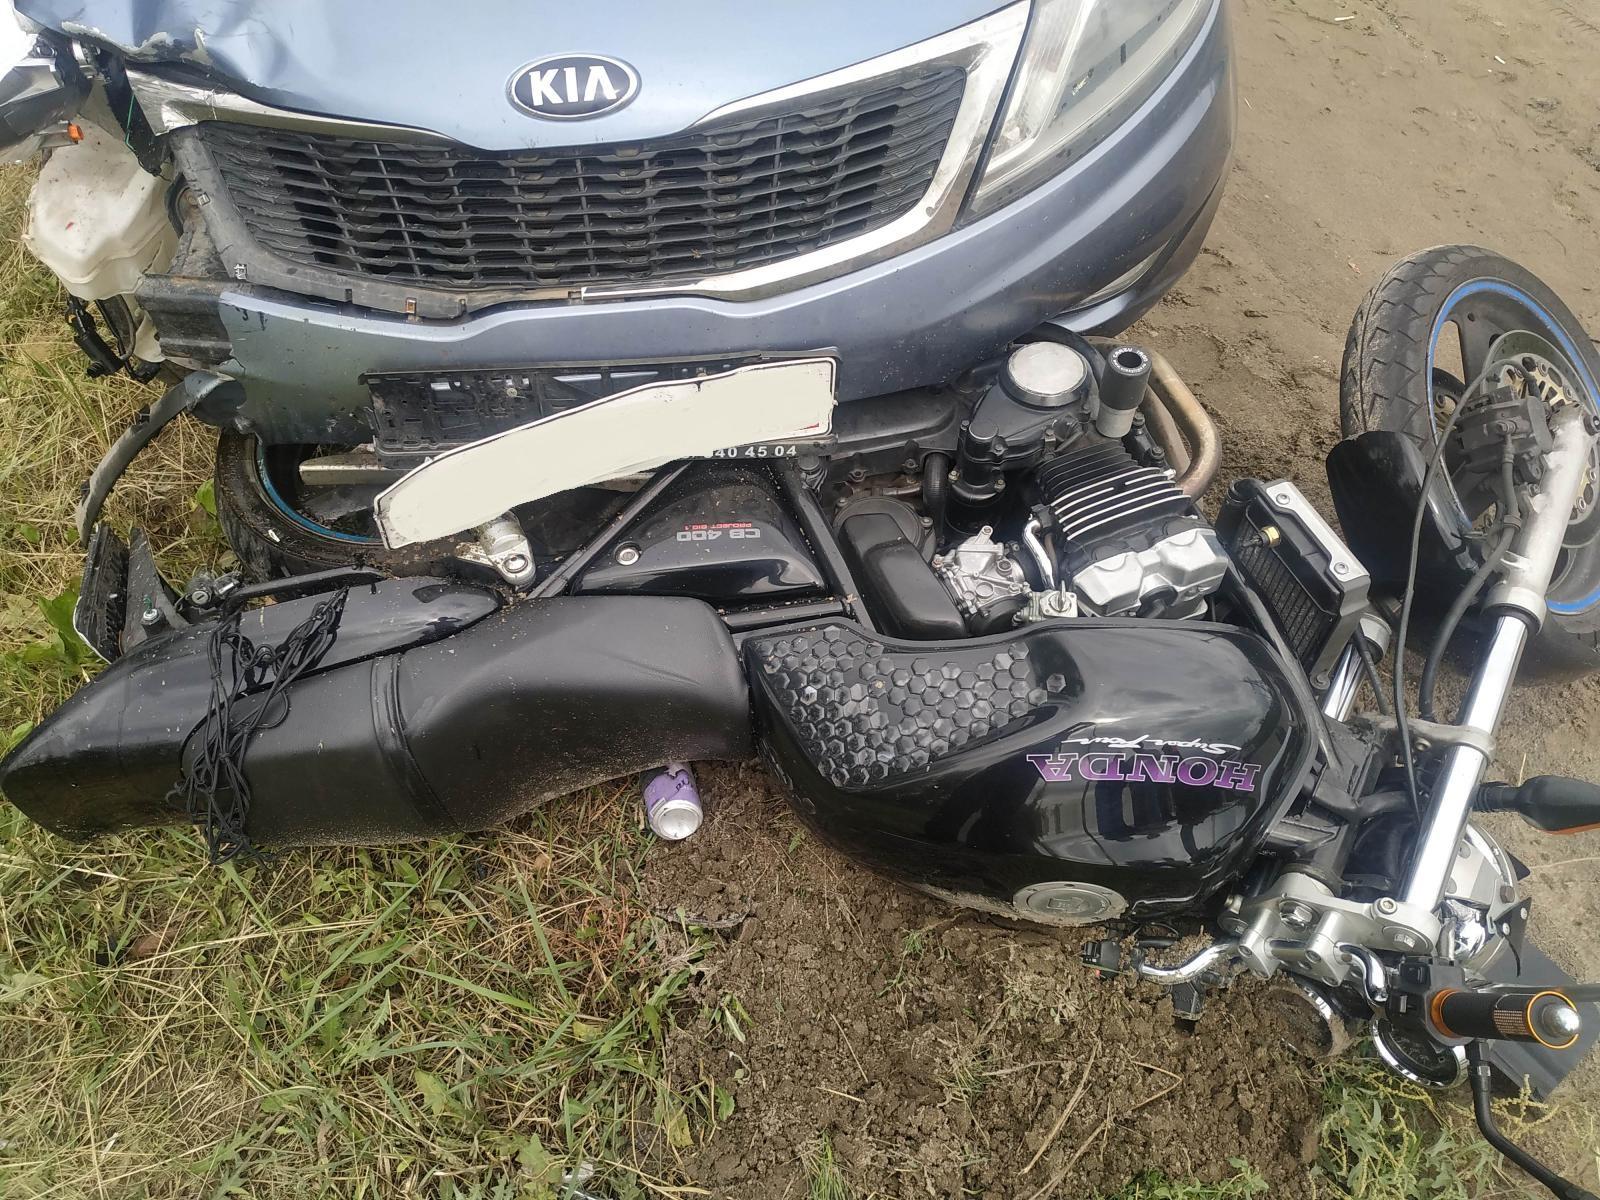 Мотоциклист пострадал в нелепом ДТП под Тольятти